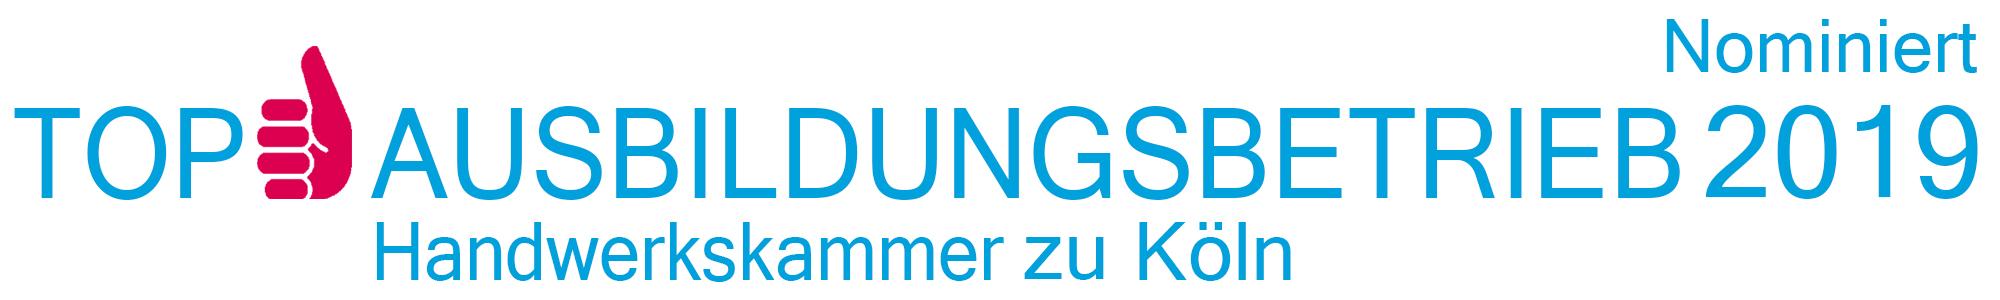 Bornemann GmbH gehört zu den TOP Ausbildungsbetrieben 2019